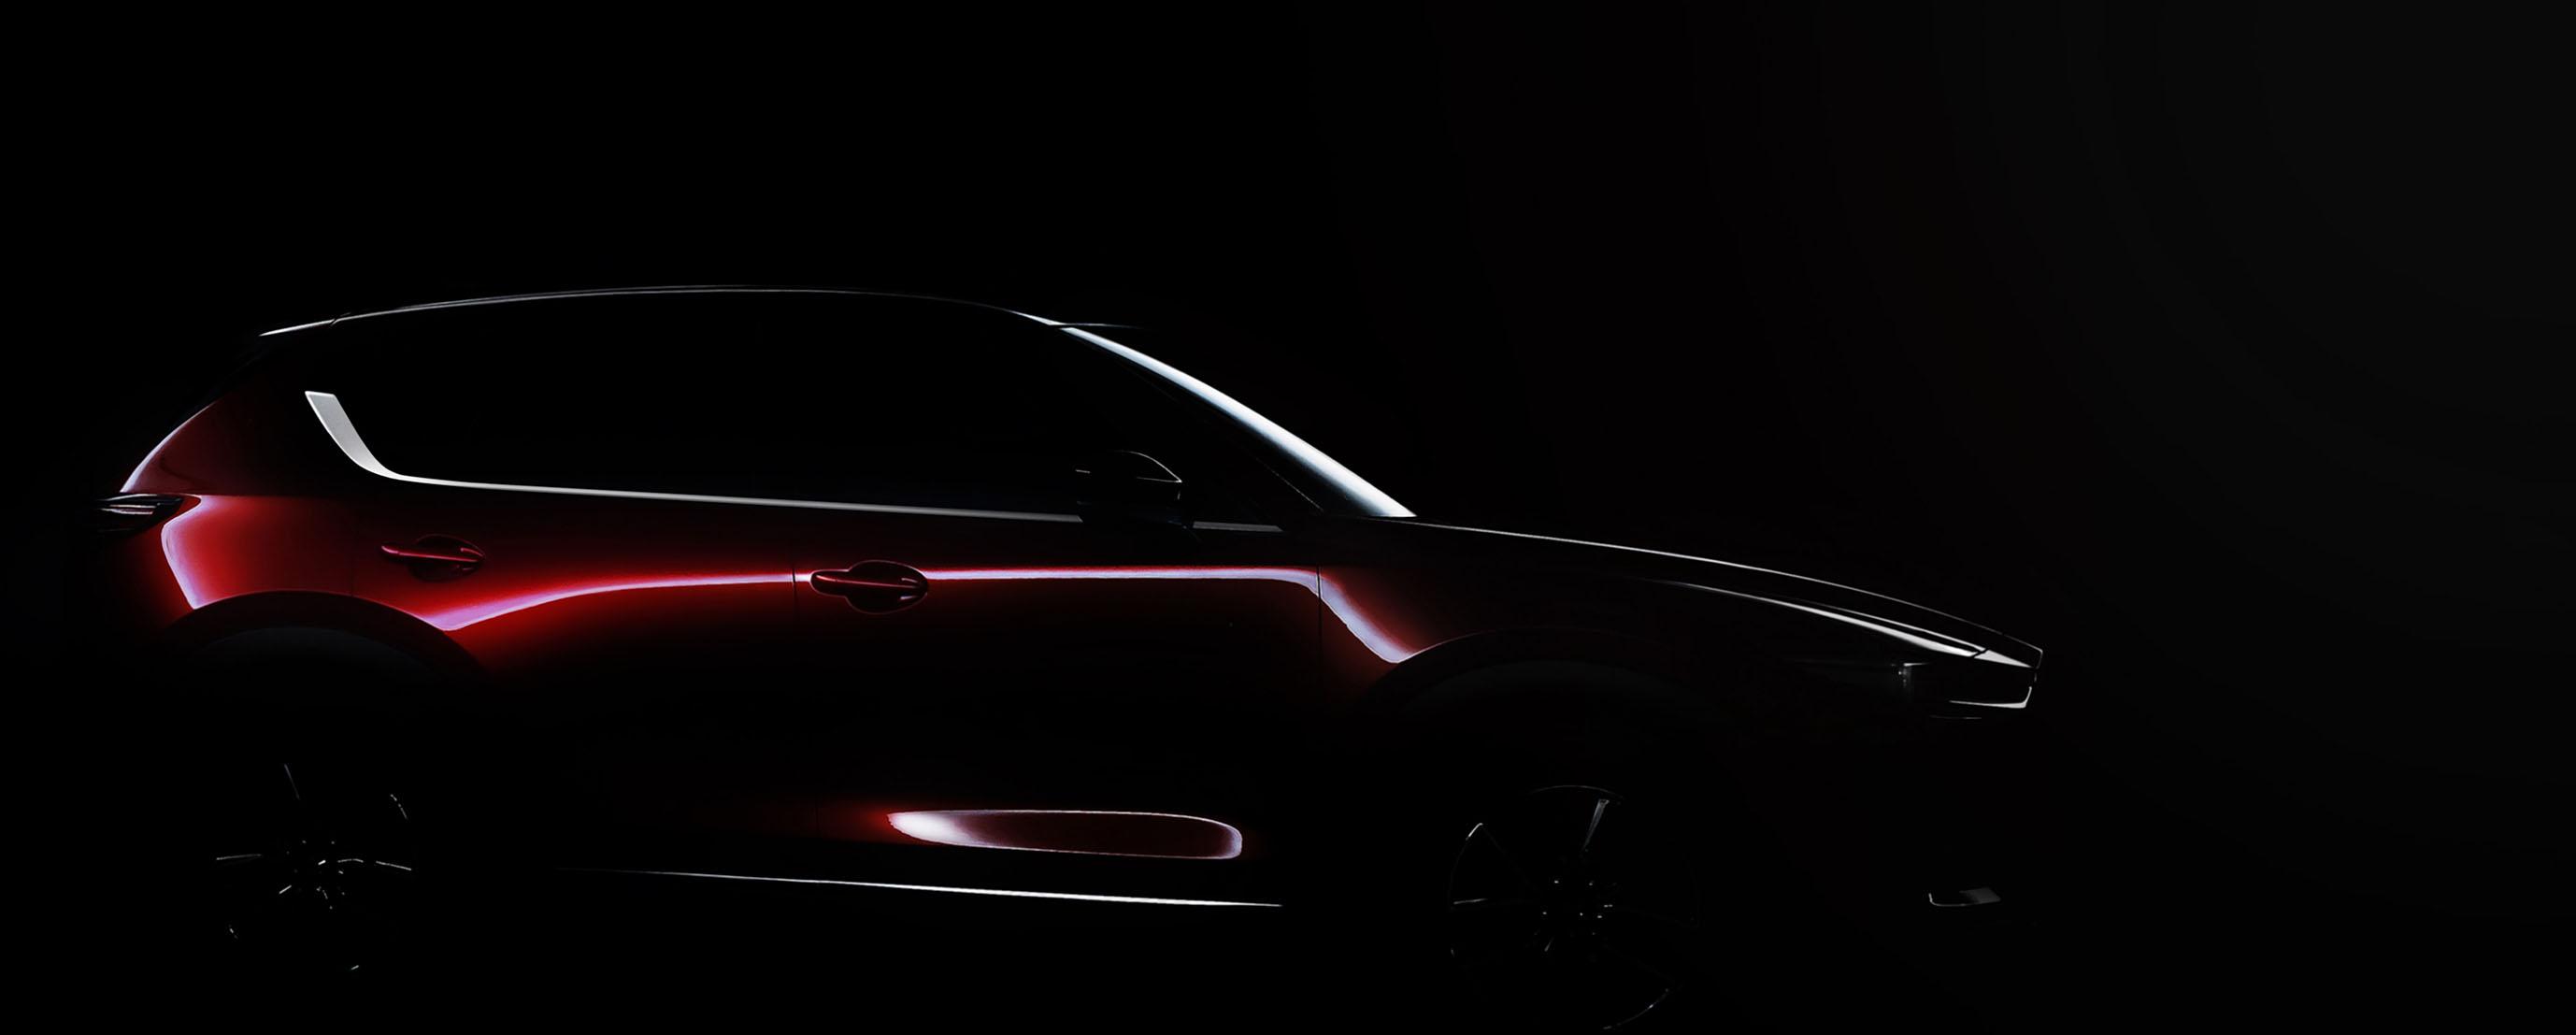 マツダ、ロサンゼルス自動車ショーにて新型「CX-5」を世界初公開